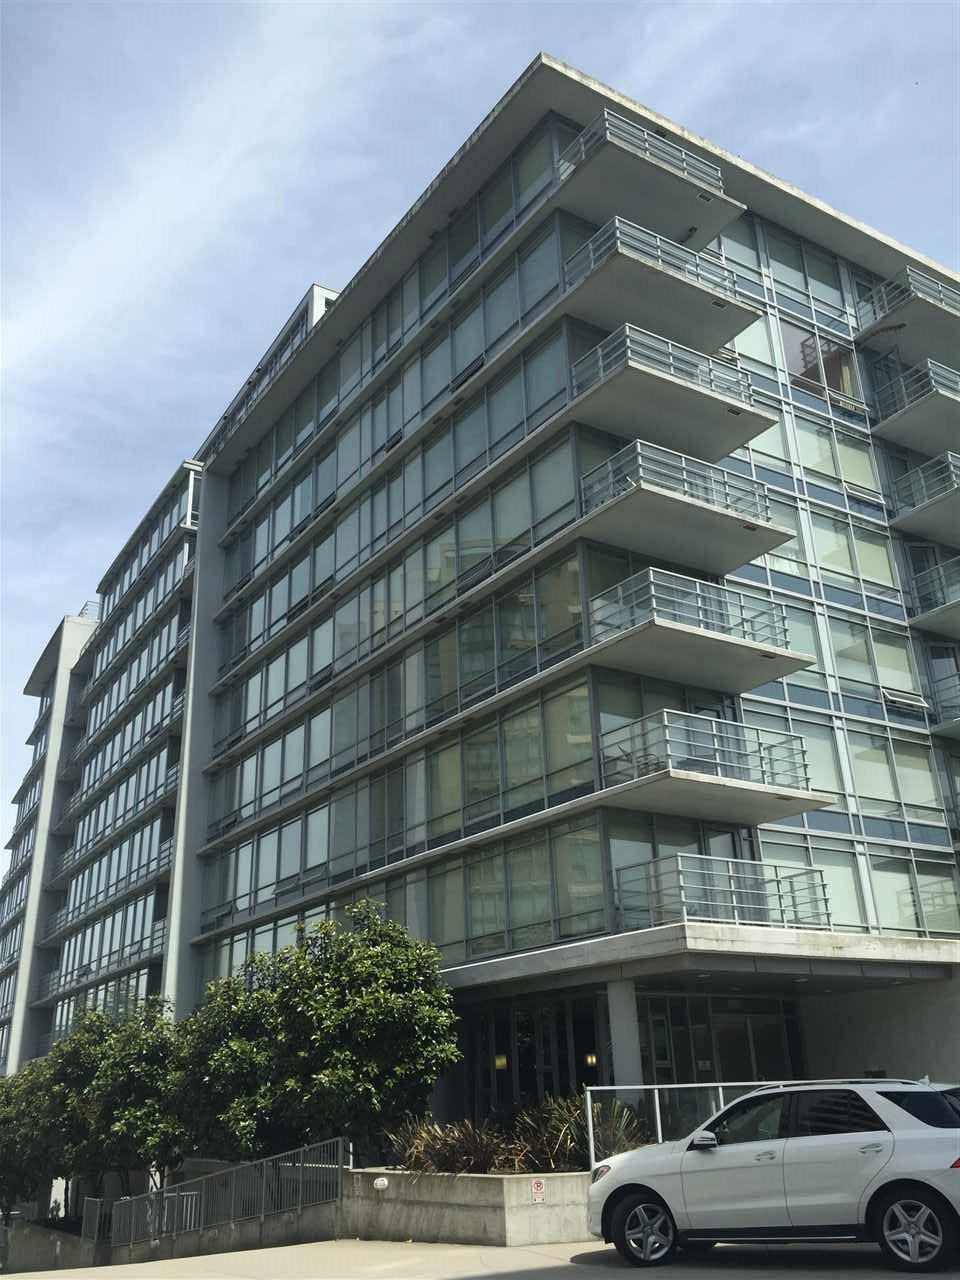 Condo Apartment at 1009 8280 LANSDOWNE ROAD, Unit 1009, Richmond, British Columbia. Image 1